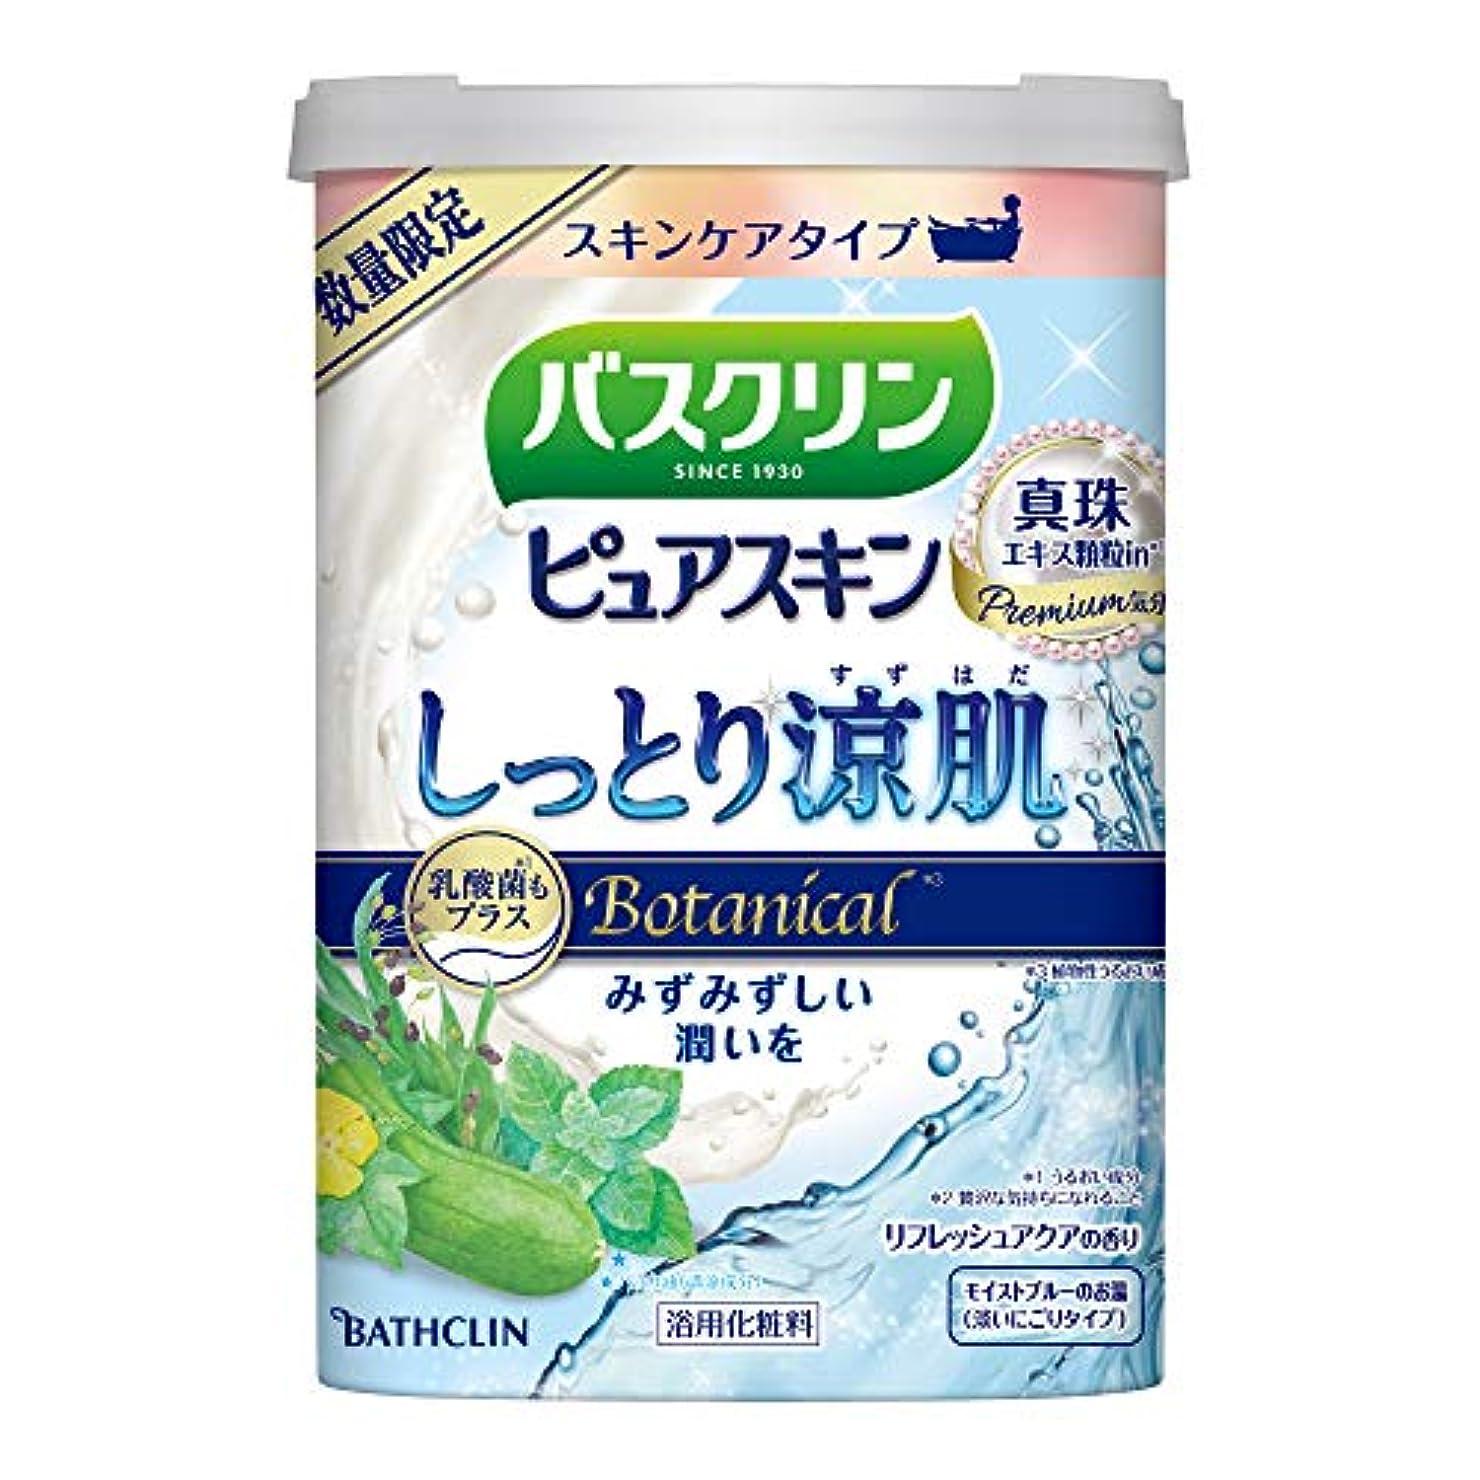 前書き鋸歯状魅惑的な【数量限定品】バスクリンピュアスキン入浴剤 しっとり涼肌600g(約30回分) スキンケアにごりタイプ 保湿